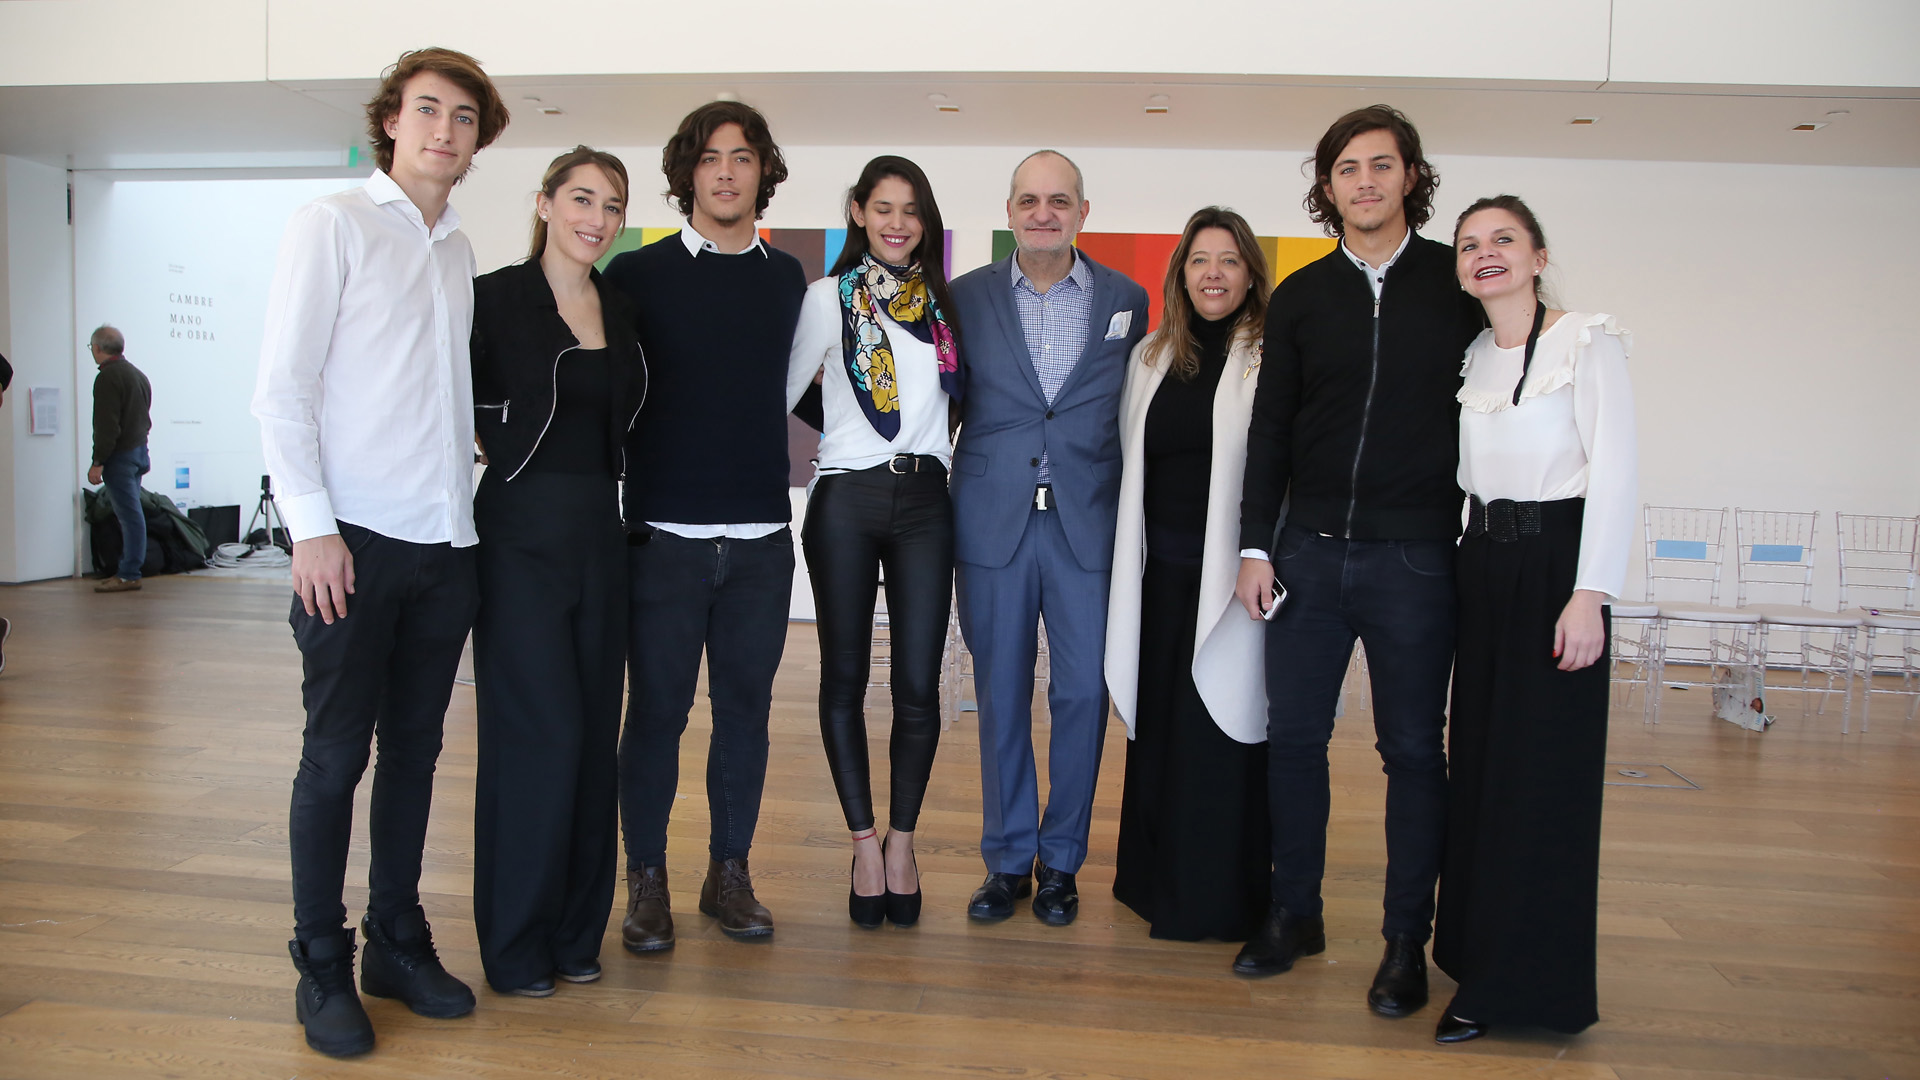 Pedro Colombo, Sabrina Prietro, Marcos Juni, Milagros Graña, Laurencio Adot, María Claudia Pedrayes, Carlos Juni y Erica Carrizo